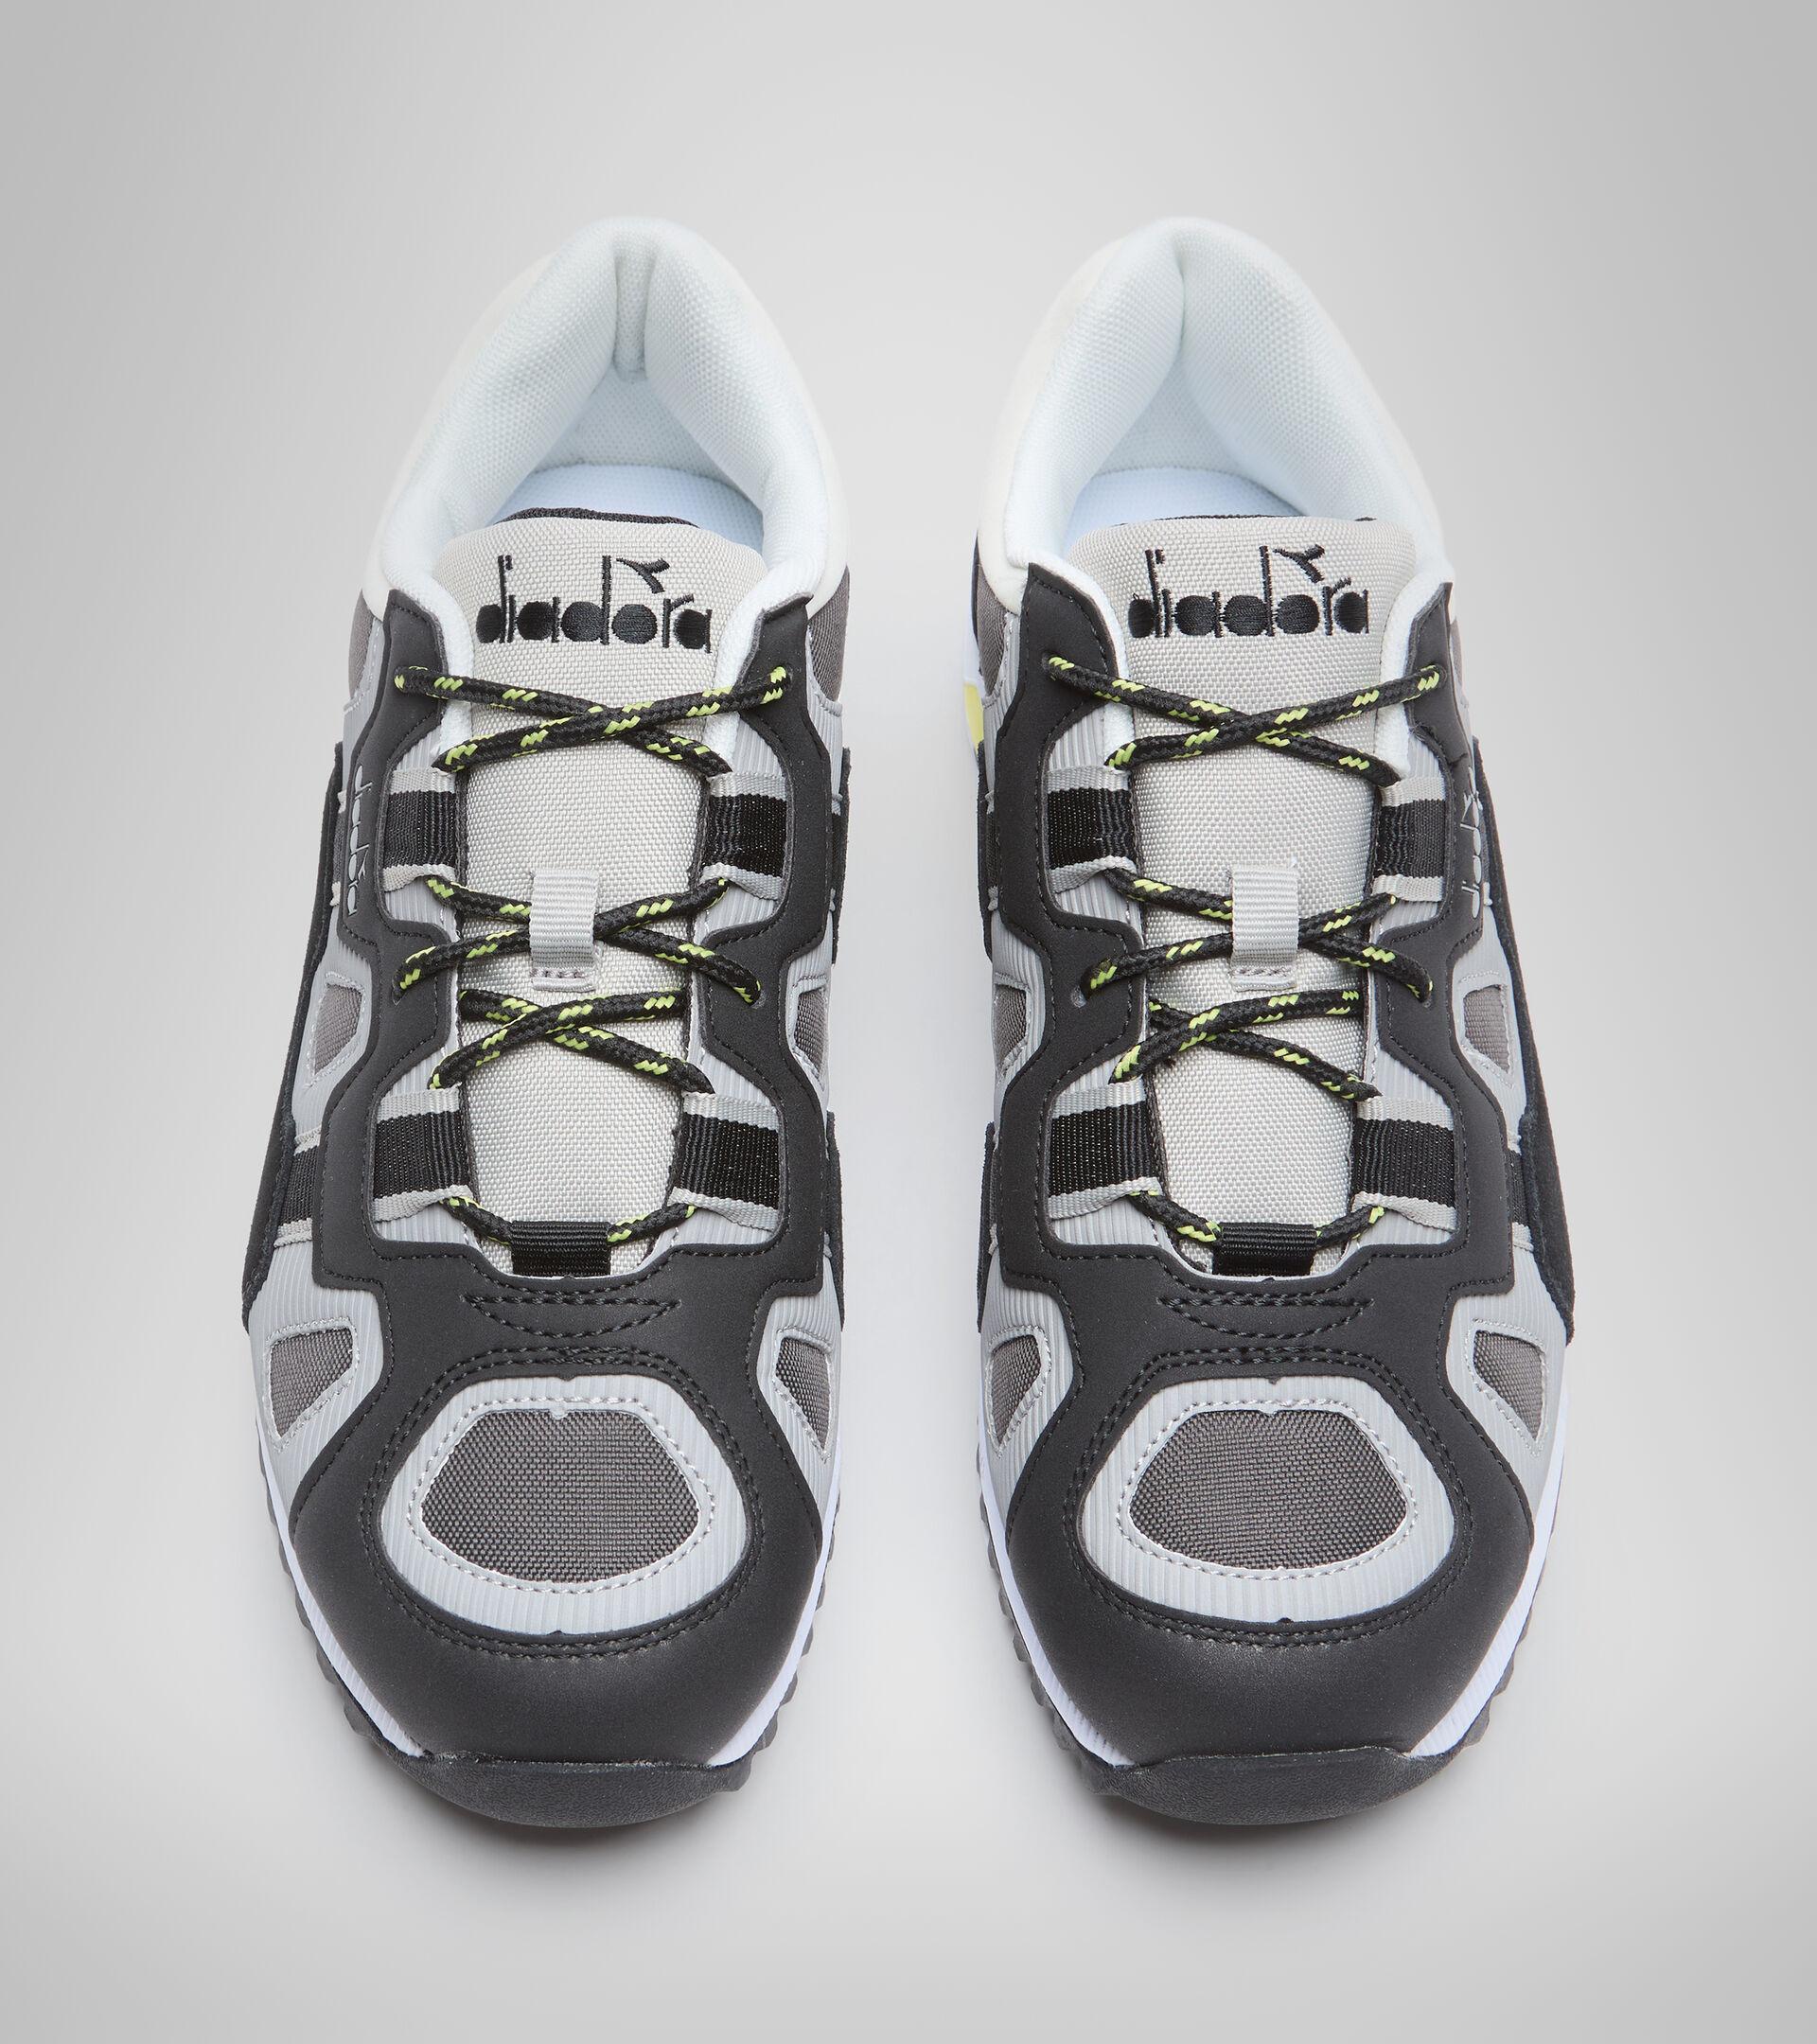 Zapatillas deportivas - Unisex N902 OFF ROAD NERO/GRIGIO PELTRO (C3556) - Diadora